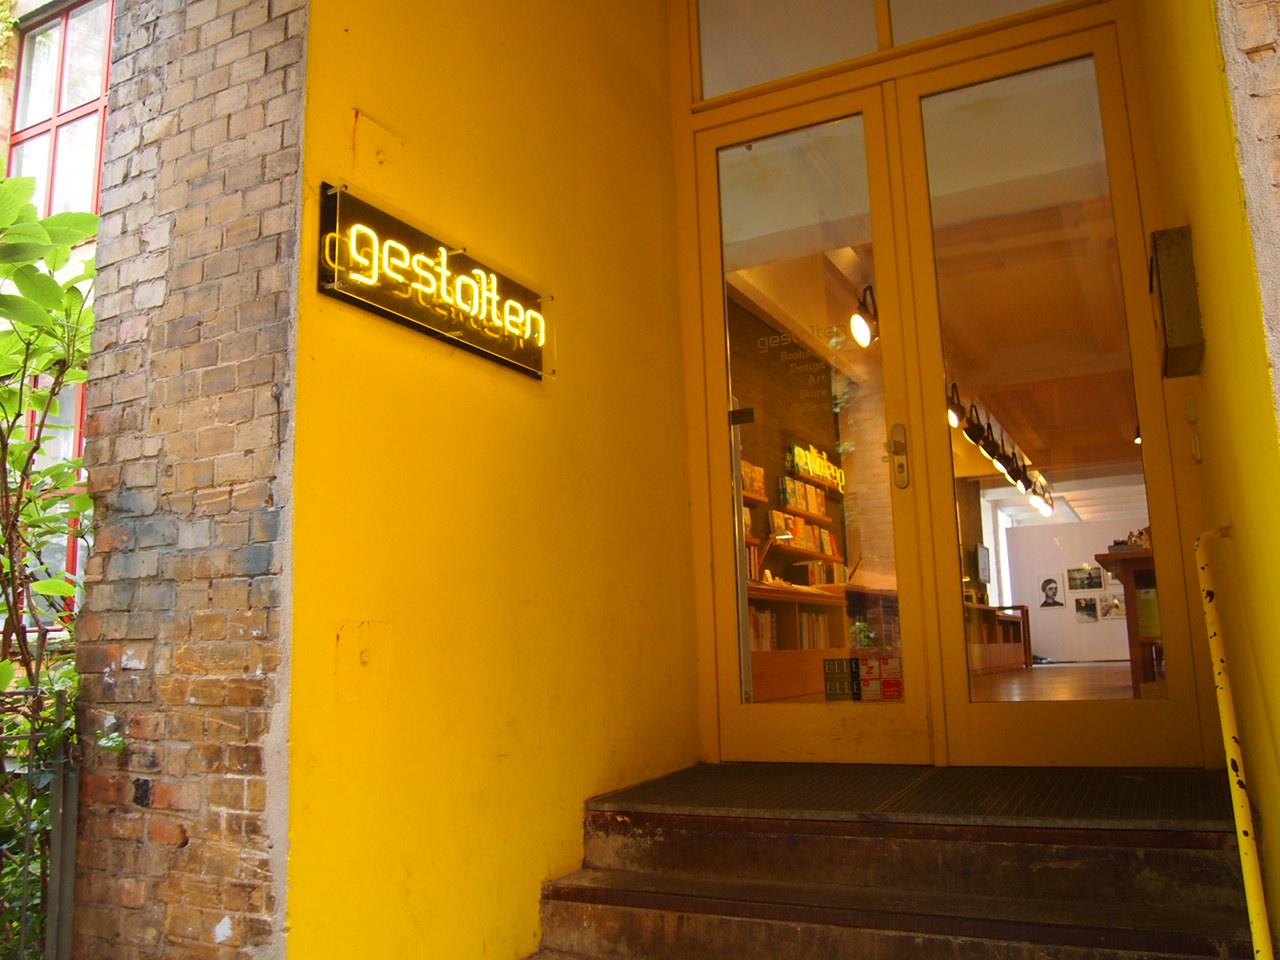 ベルリンで雑貨を買うならココ!デザイン雑貨のそろったお店ゲシュタルテンとは